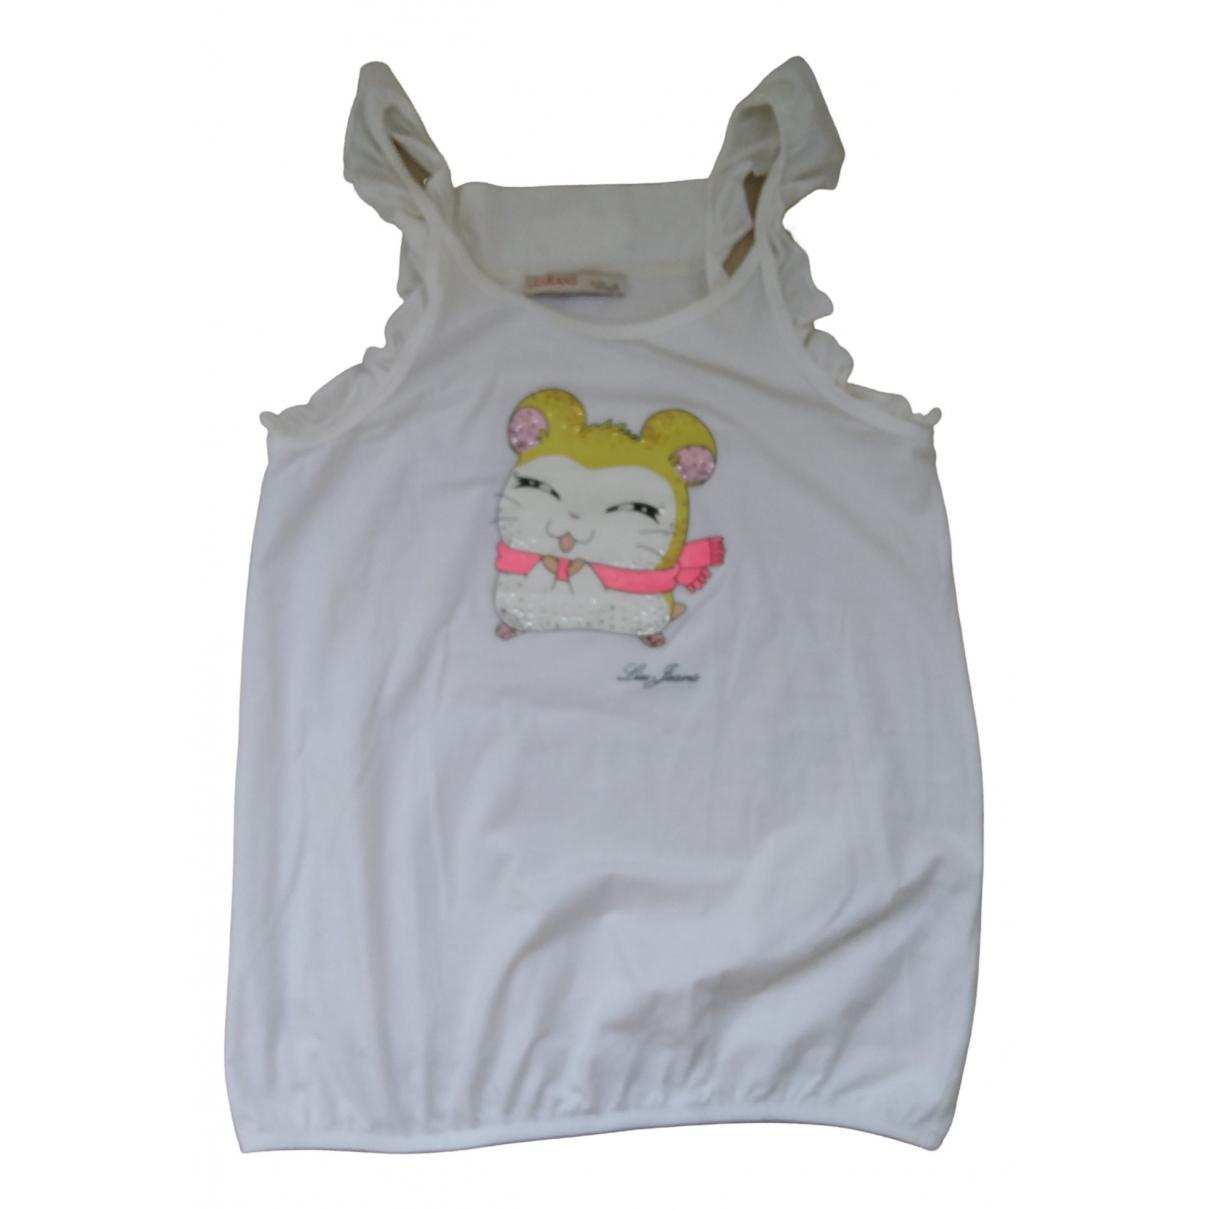 Camiseta de tirantes Liu.jo